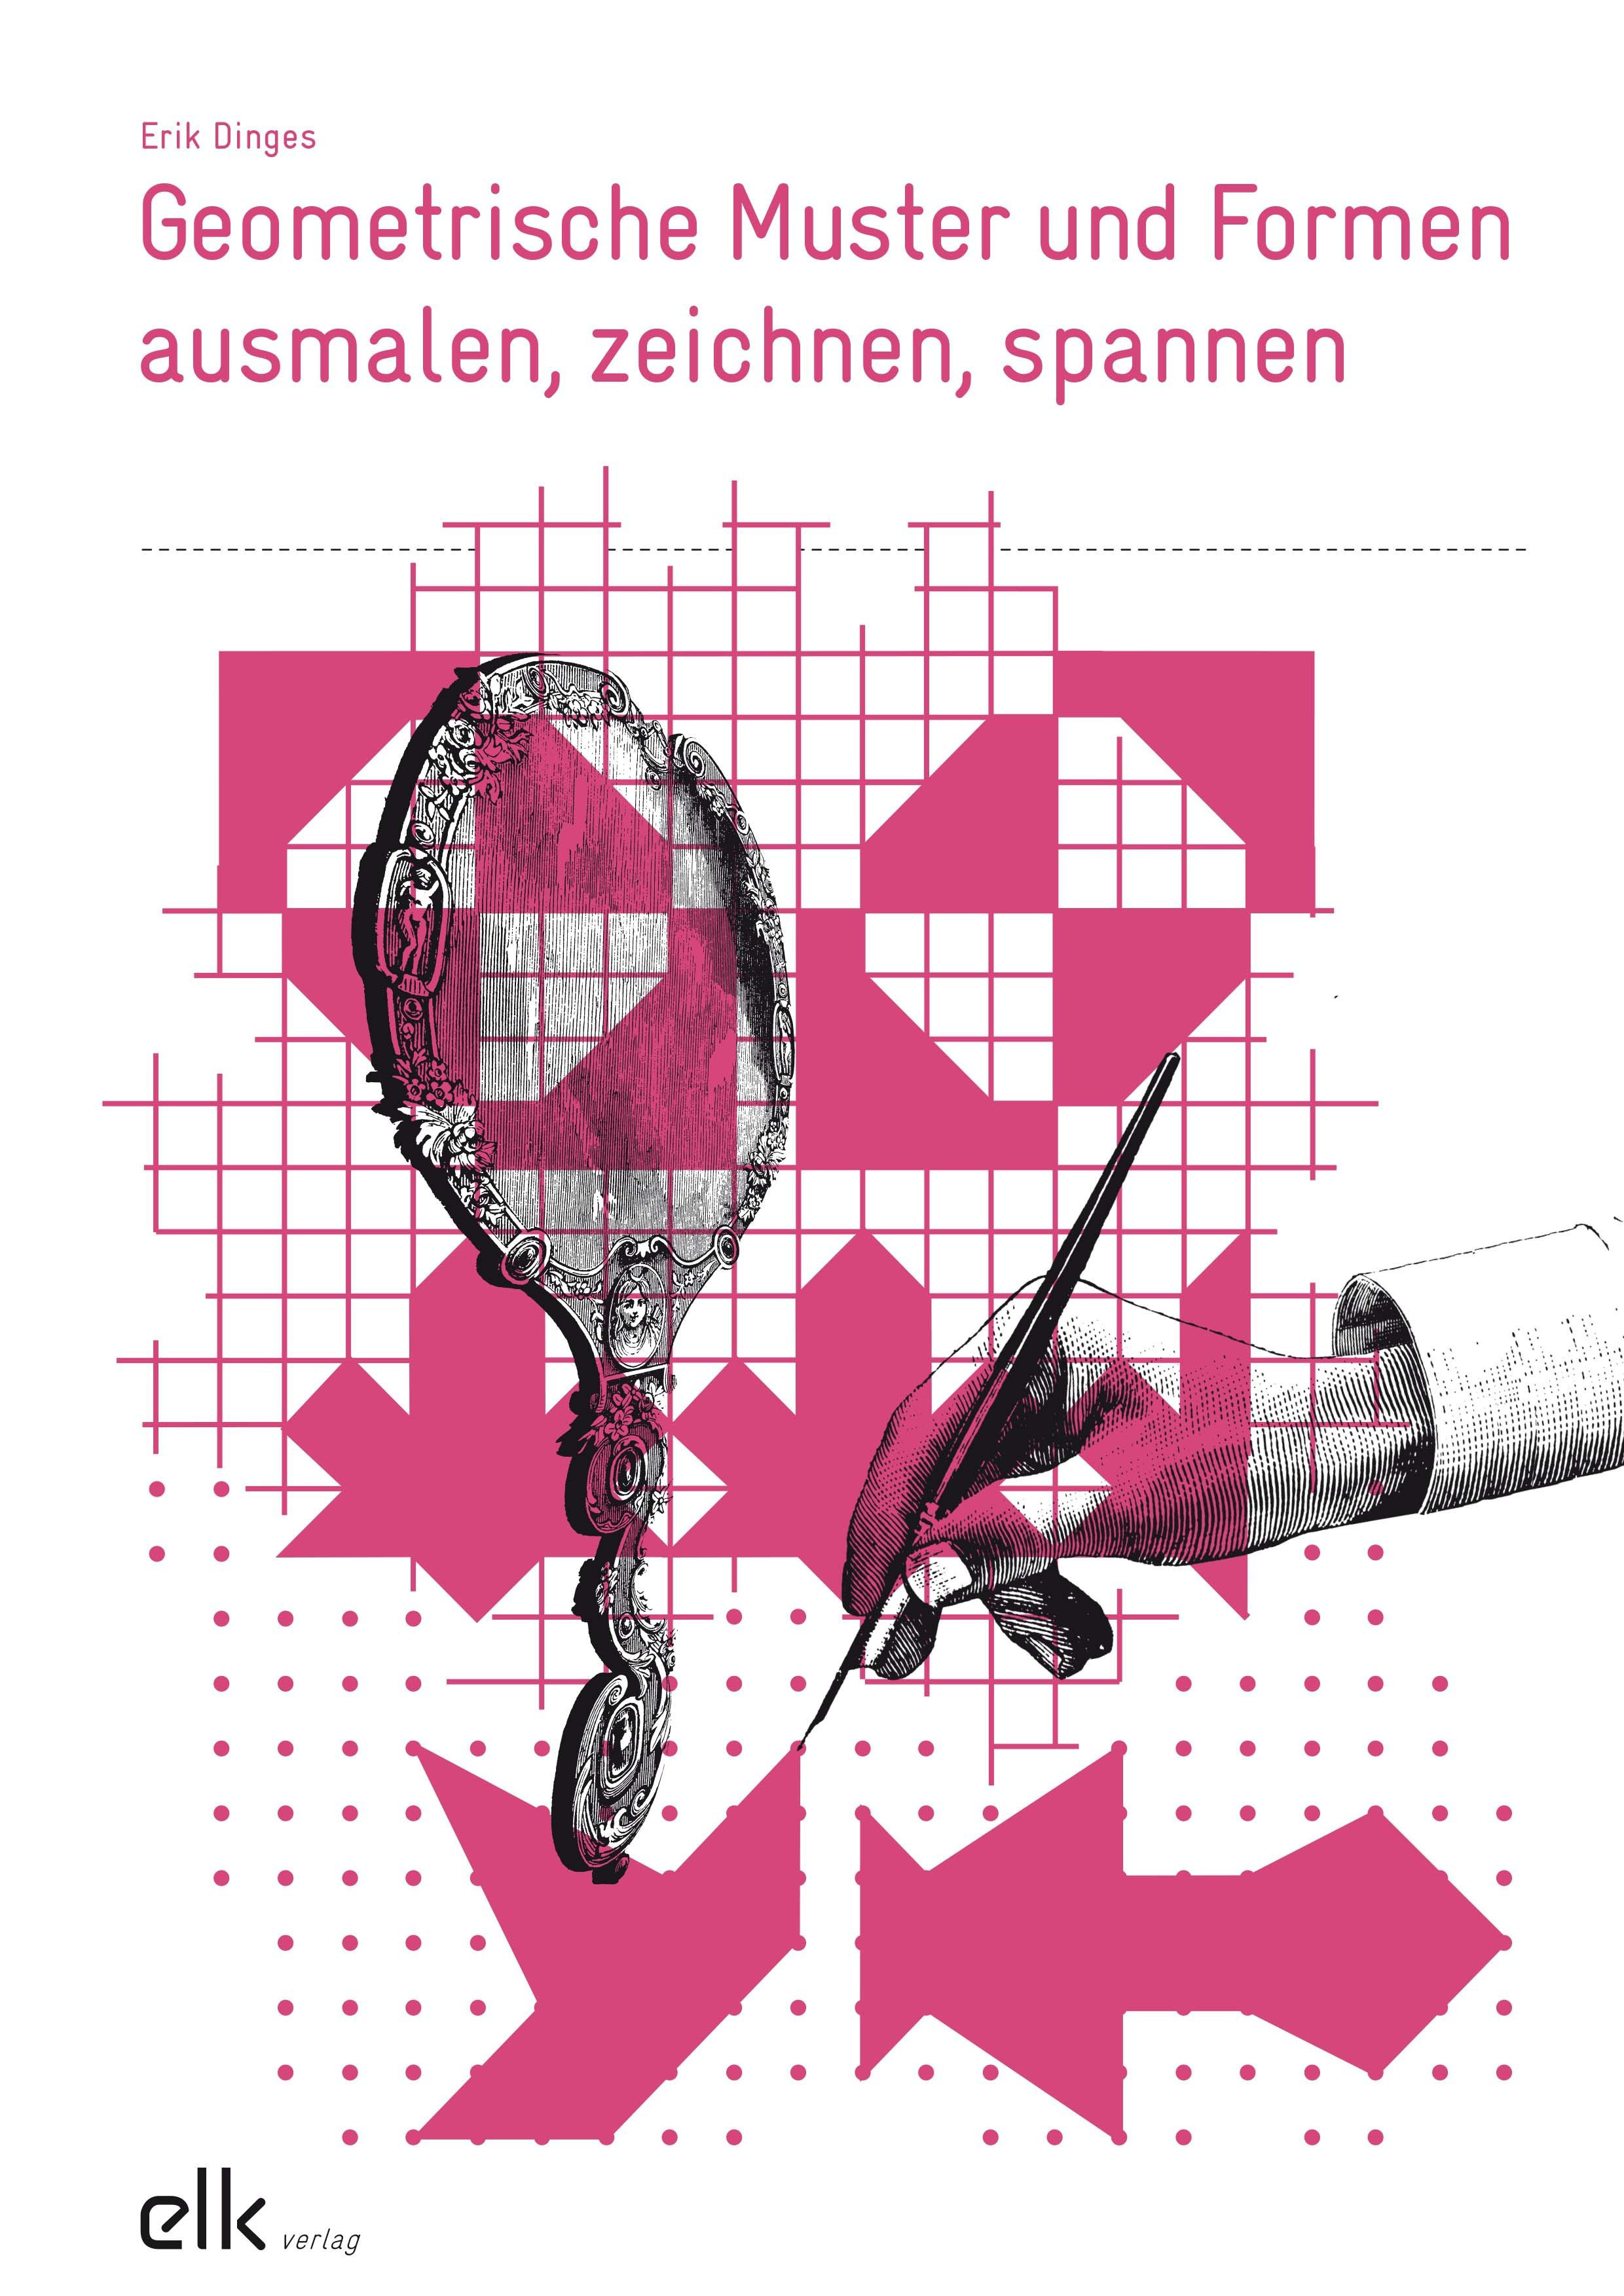 Geometrische Muster Zum Ausmalen Neu Ausmalbilder Geometrische formen Inspirierend 37 Osterhase Sammlung